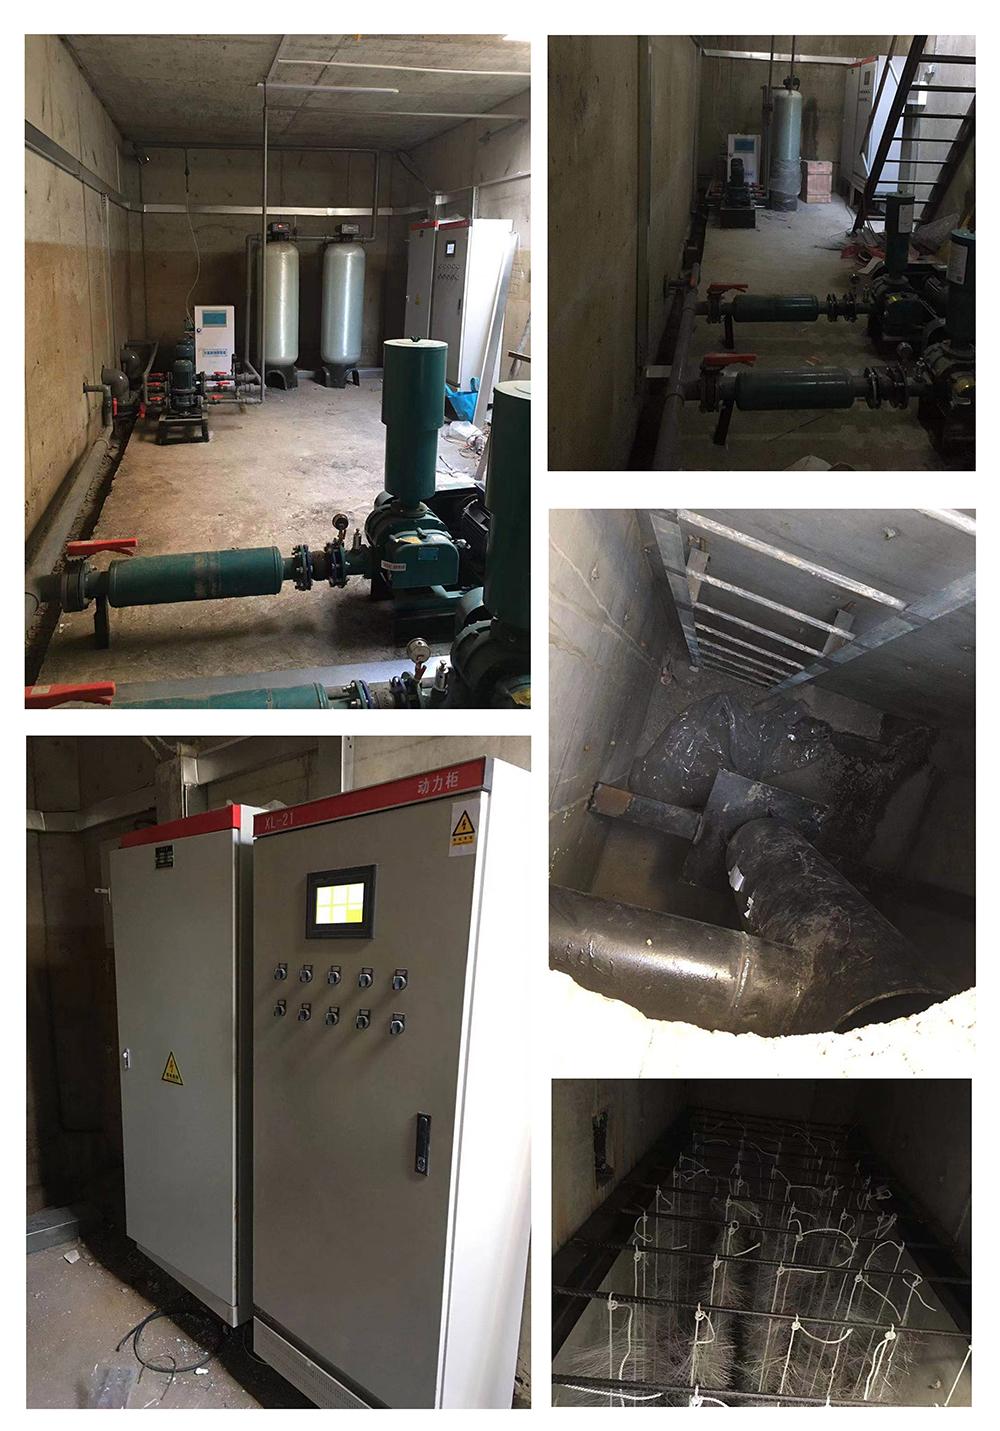 遼寧本溪某部隊采用我司消毒設備進行生活污水處理